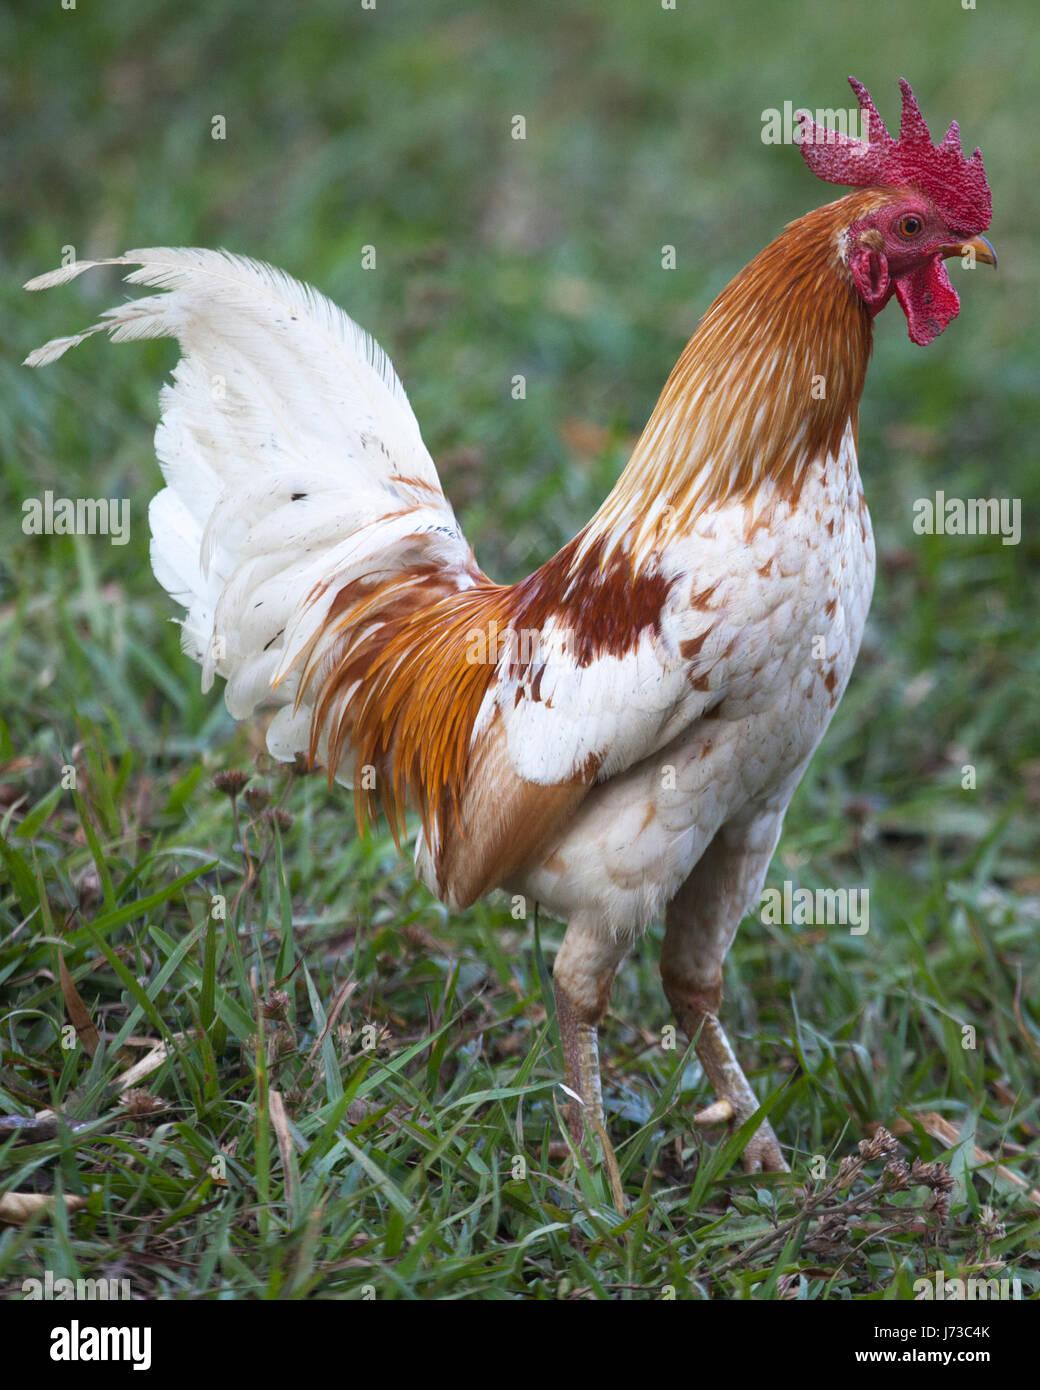 Free range rooster in erba Immagini Stock